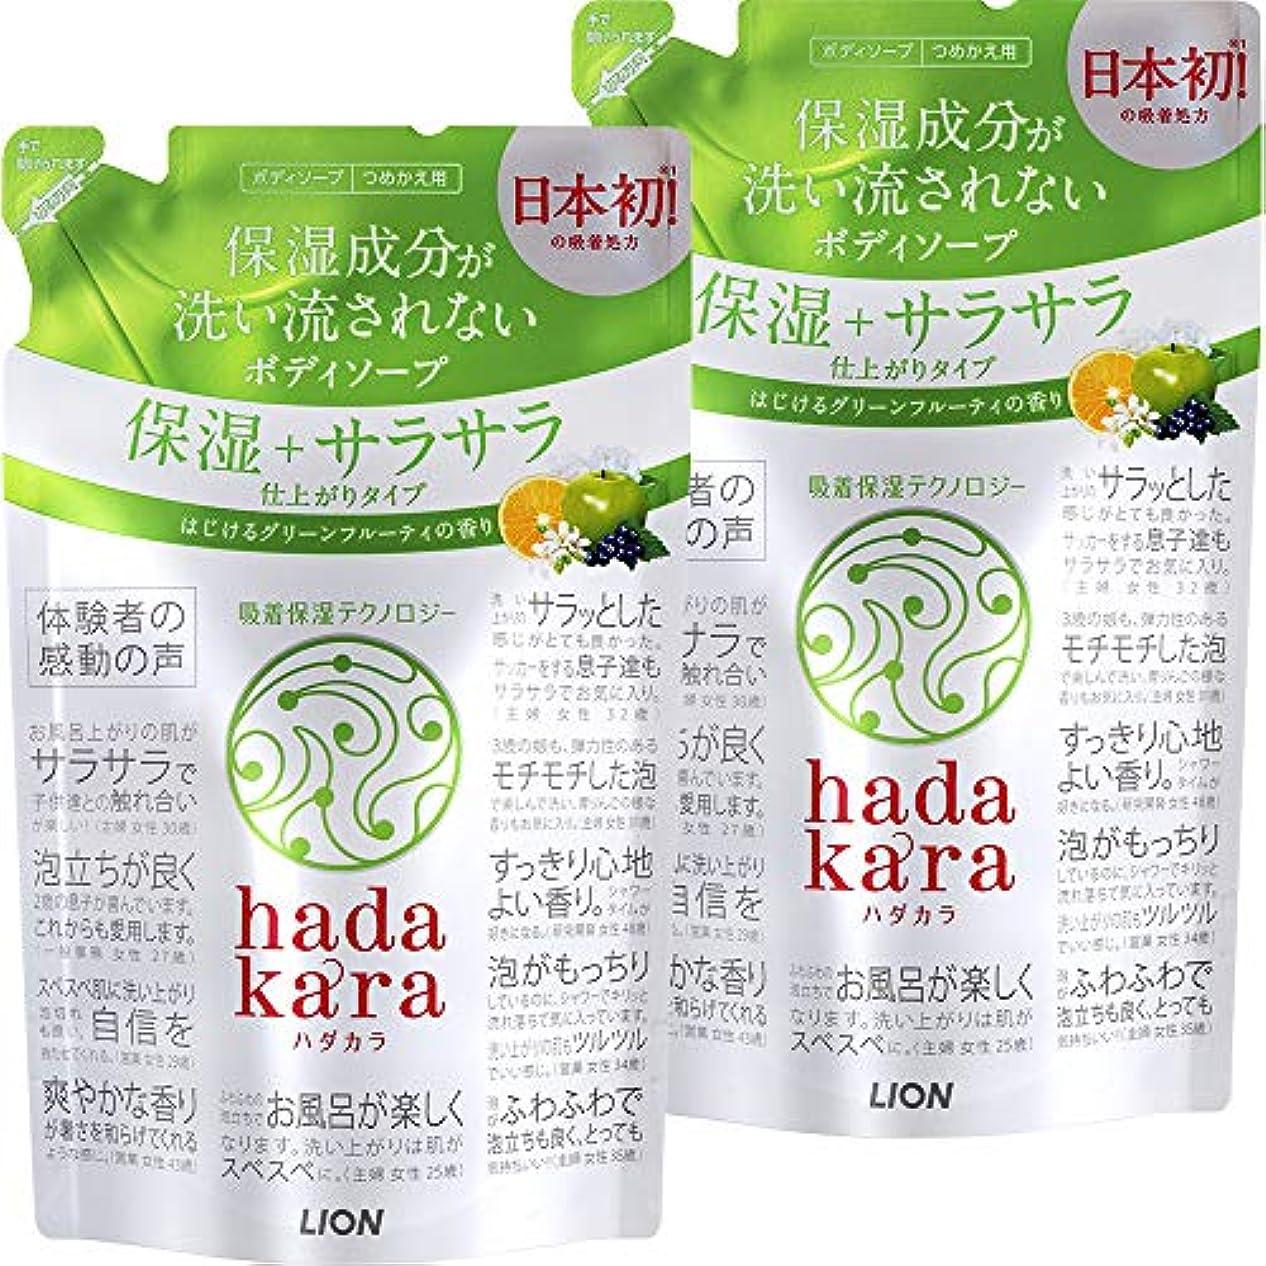 貫入驚変化する【まとめ買い】hadakara(ハダカラ) ボディソープ 保湿+サラサラ仕上がりタイプ グリーンフルーティの香り 詰め替え 340ml×2個パック